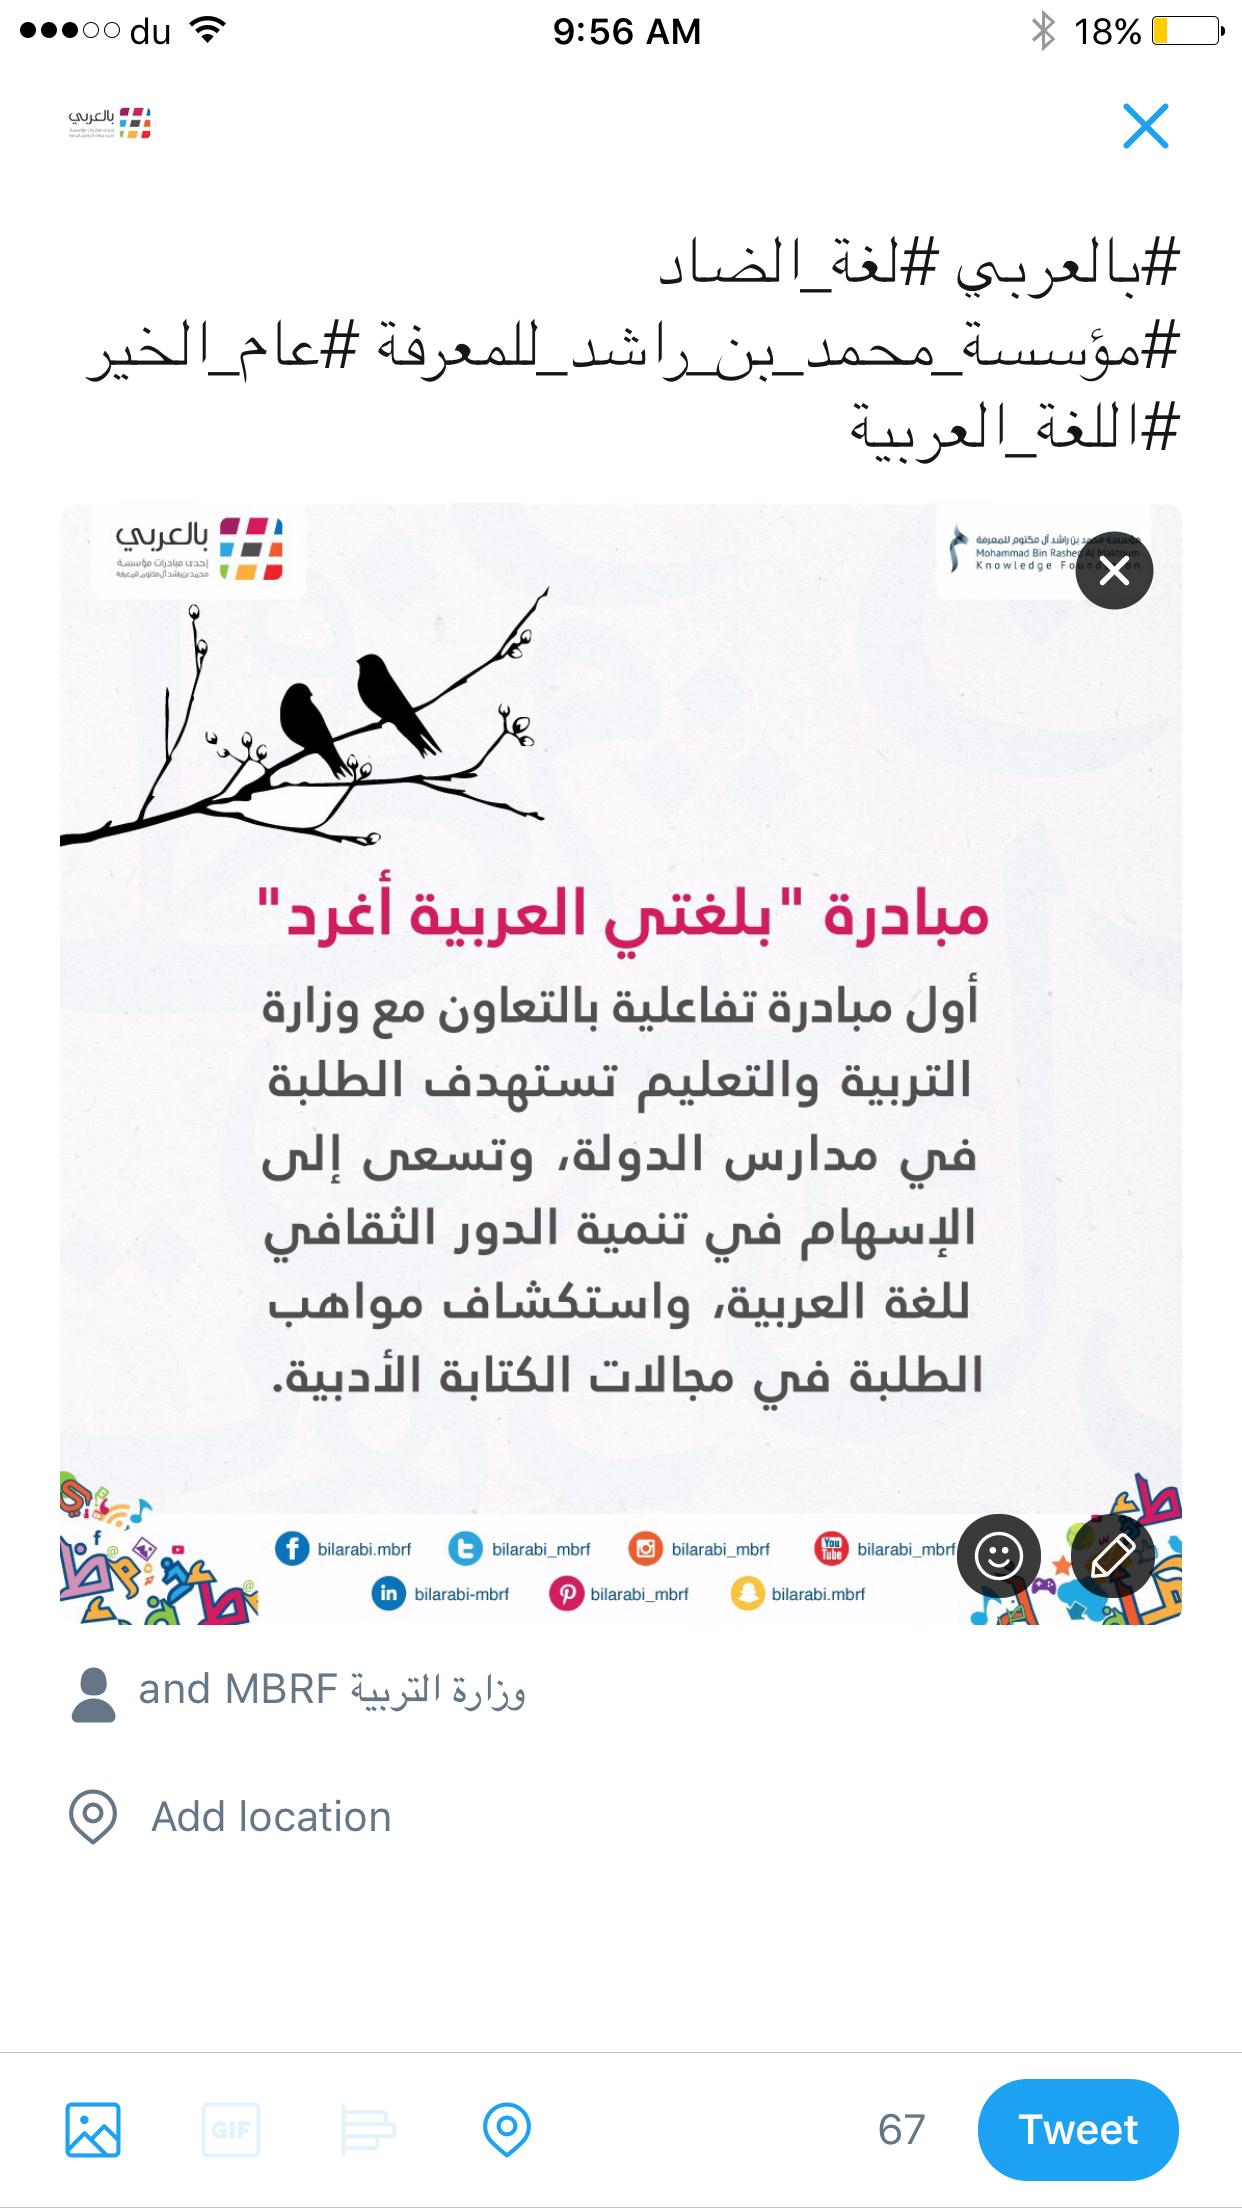 مبادرة بلغتي العربية أغرد هي أول مبادرة تفاعلية بالتعاون مع وزارة التربية والتعليم تستهدف الطلبة في مدارس الدولة وتسع Word Search Puzzle Words Boarding Pass